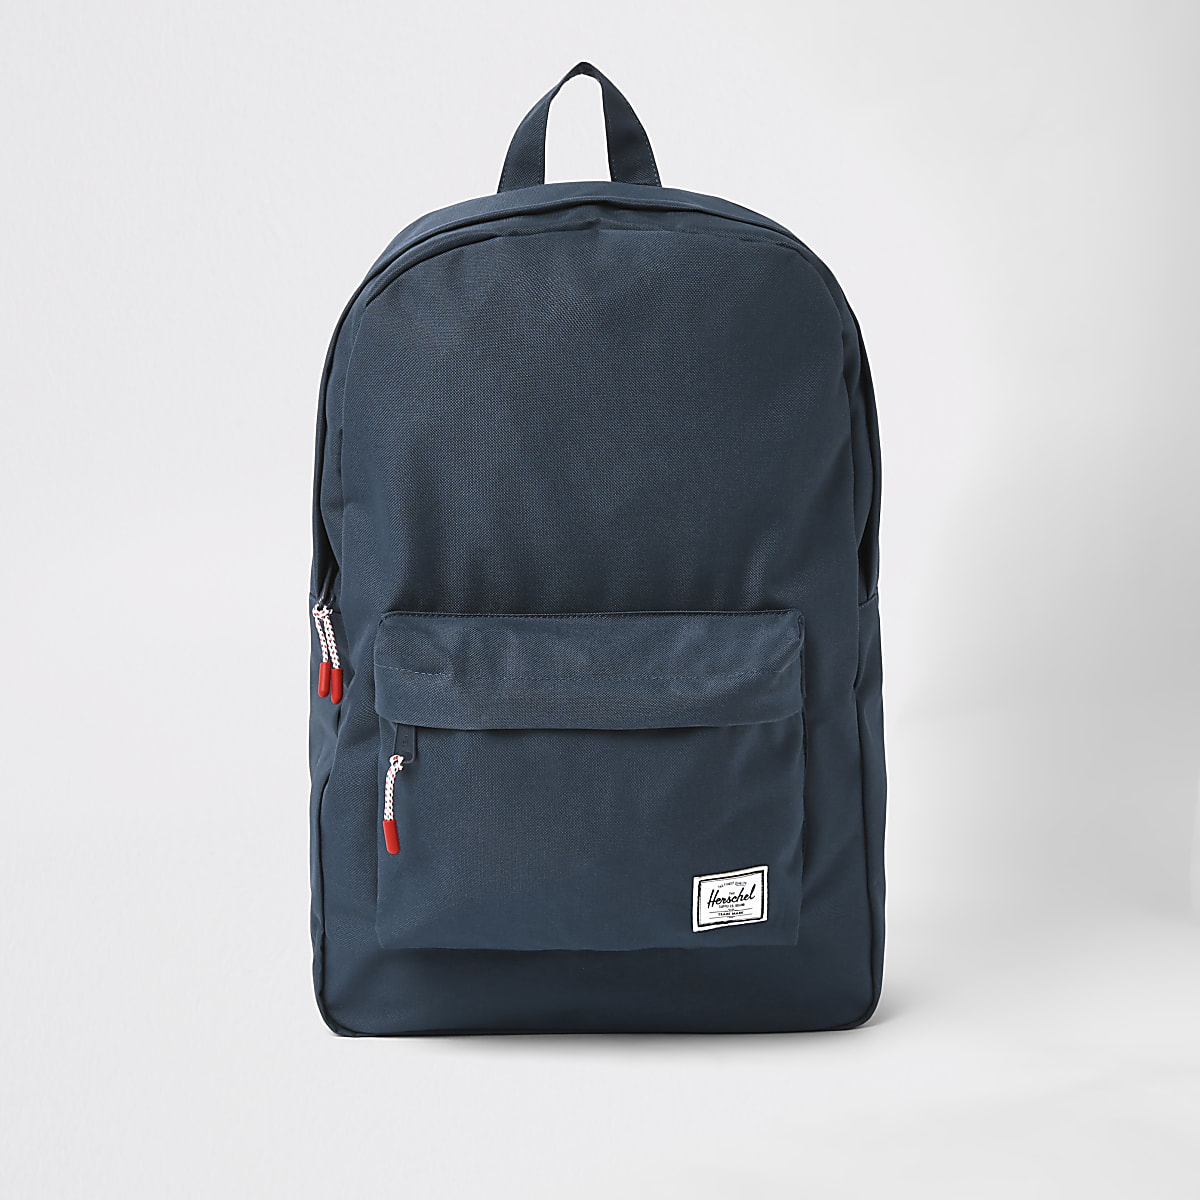 Herschel navy classic backpack